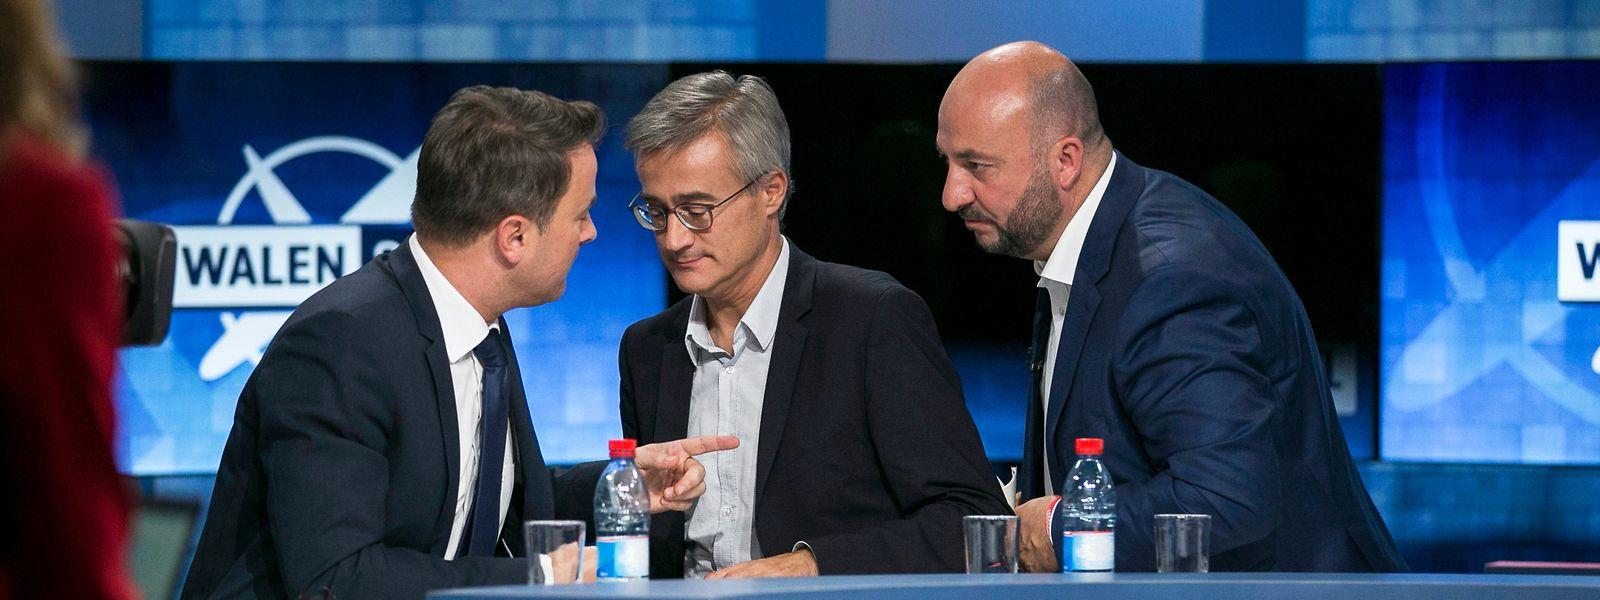 Haben zwar gemeinsam nur eine knappe Majorität, dürften sich aber für eine Neuauflage von Gambia entscheiden: Xavier Bettel, Felix Braz und Etienne Schneider bei der Elefentenrunde von RTL.